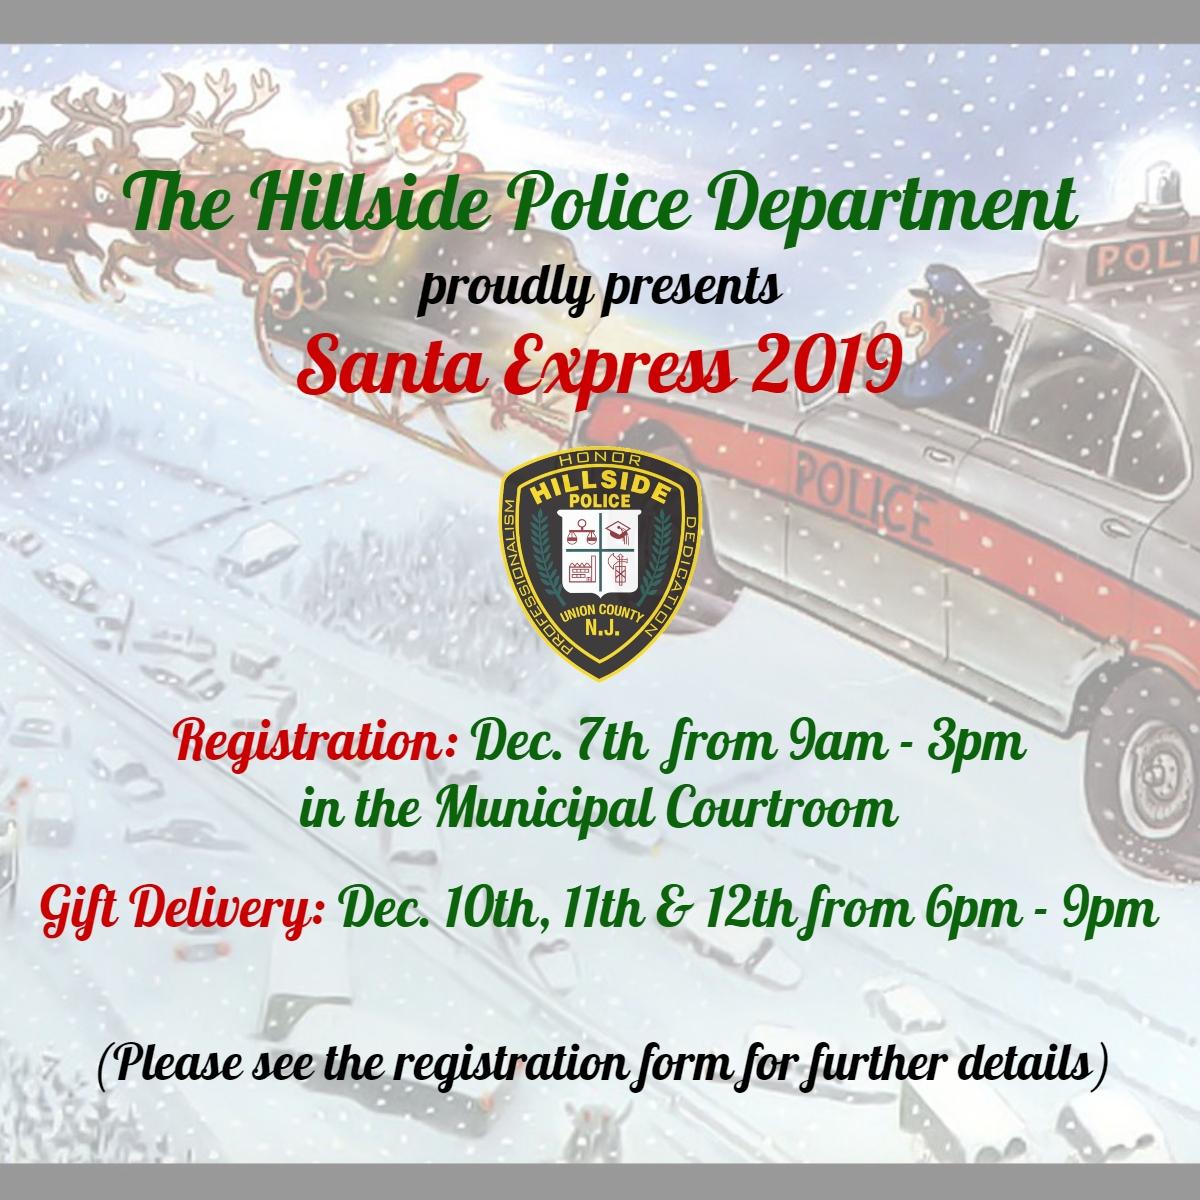 Santa Express 2019